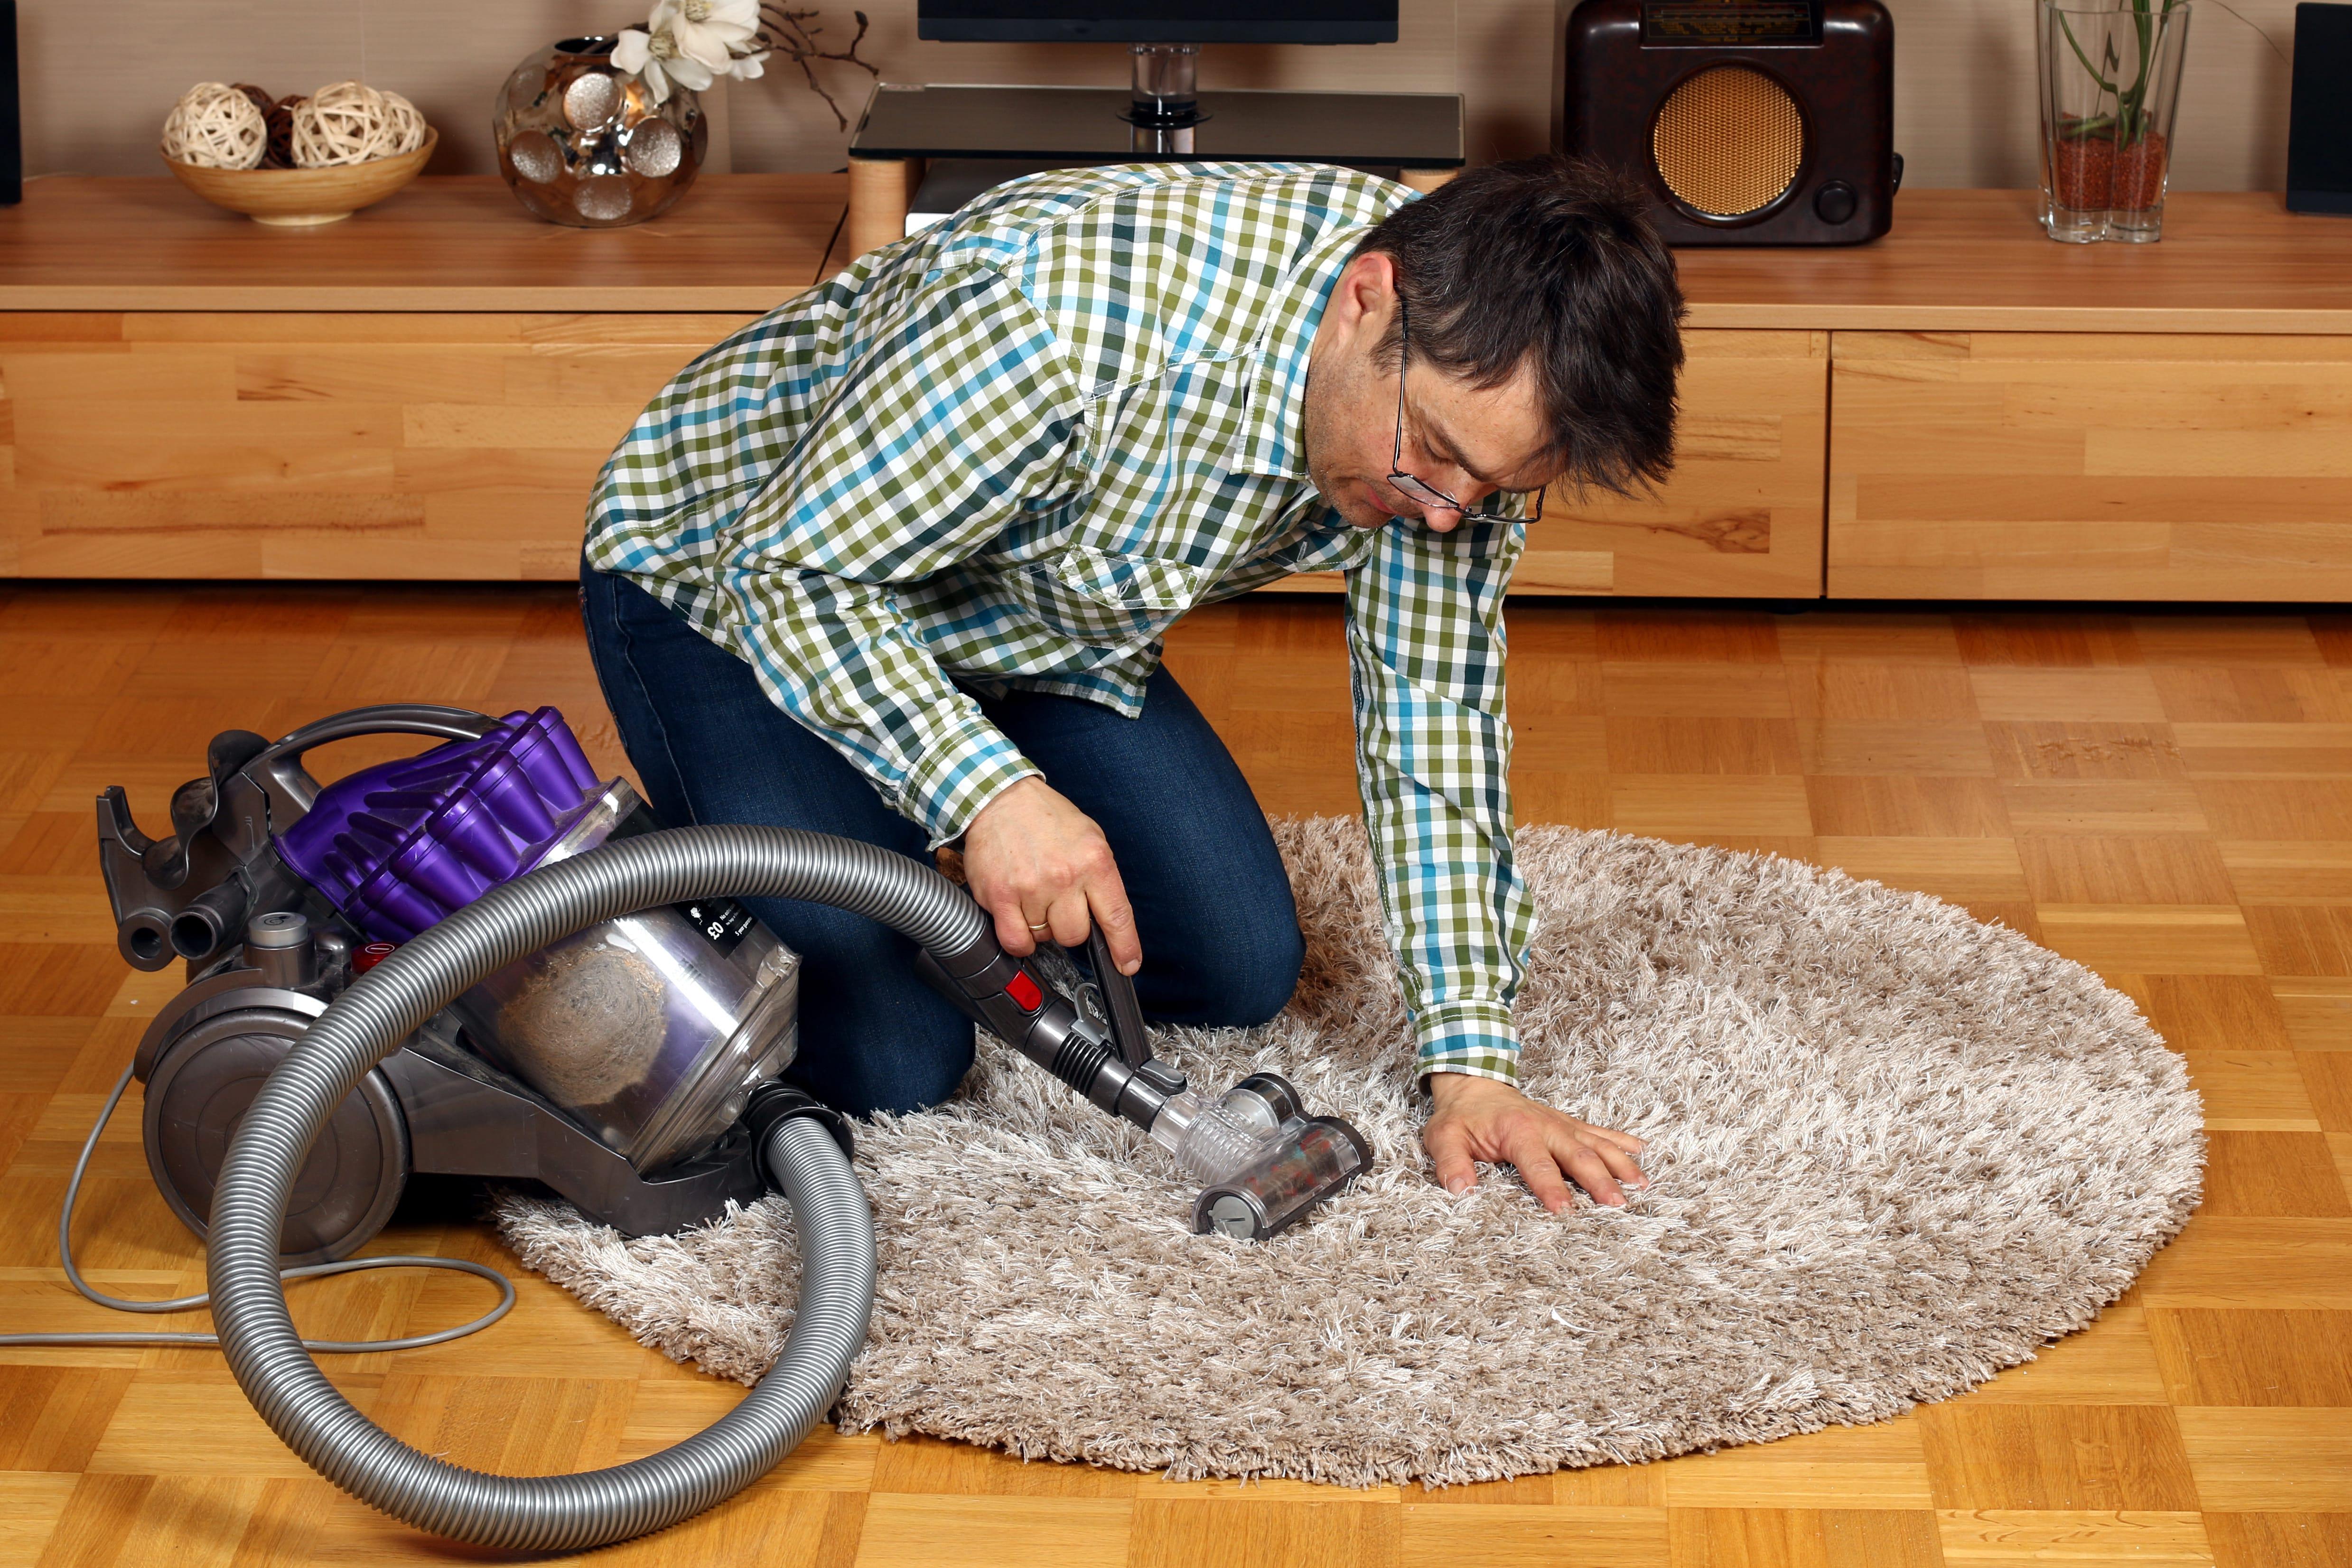 dyson staubsauger saugkraft erhalten 5 wichtige. Black Bedroom Furniture Sets. Home Design Ideas